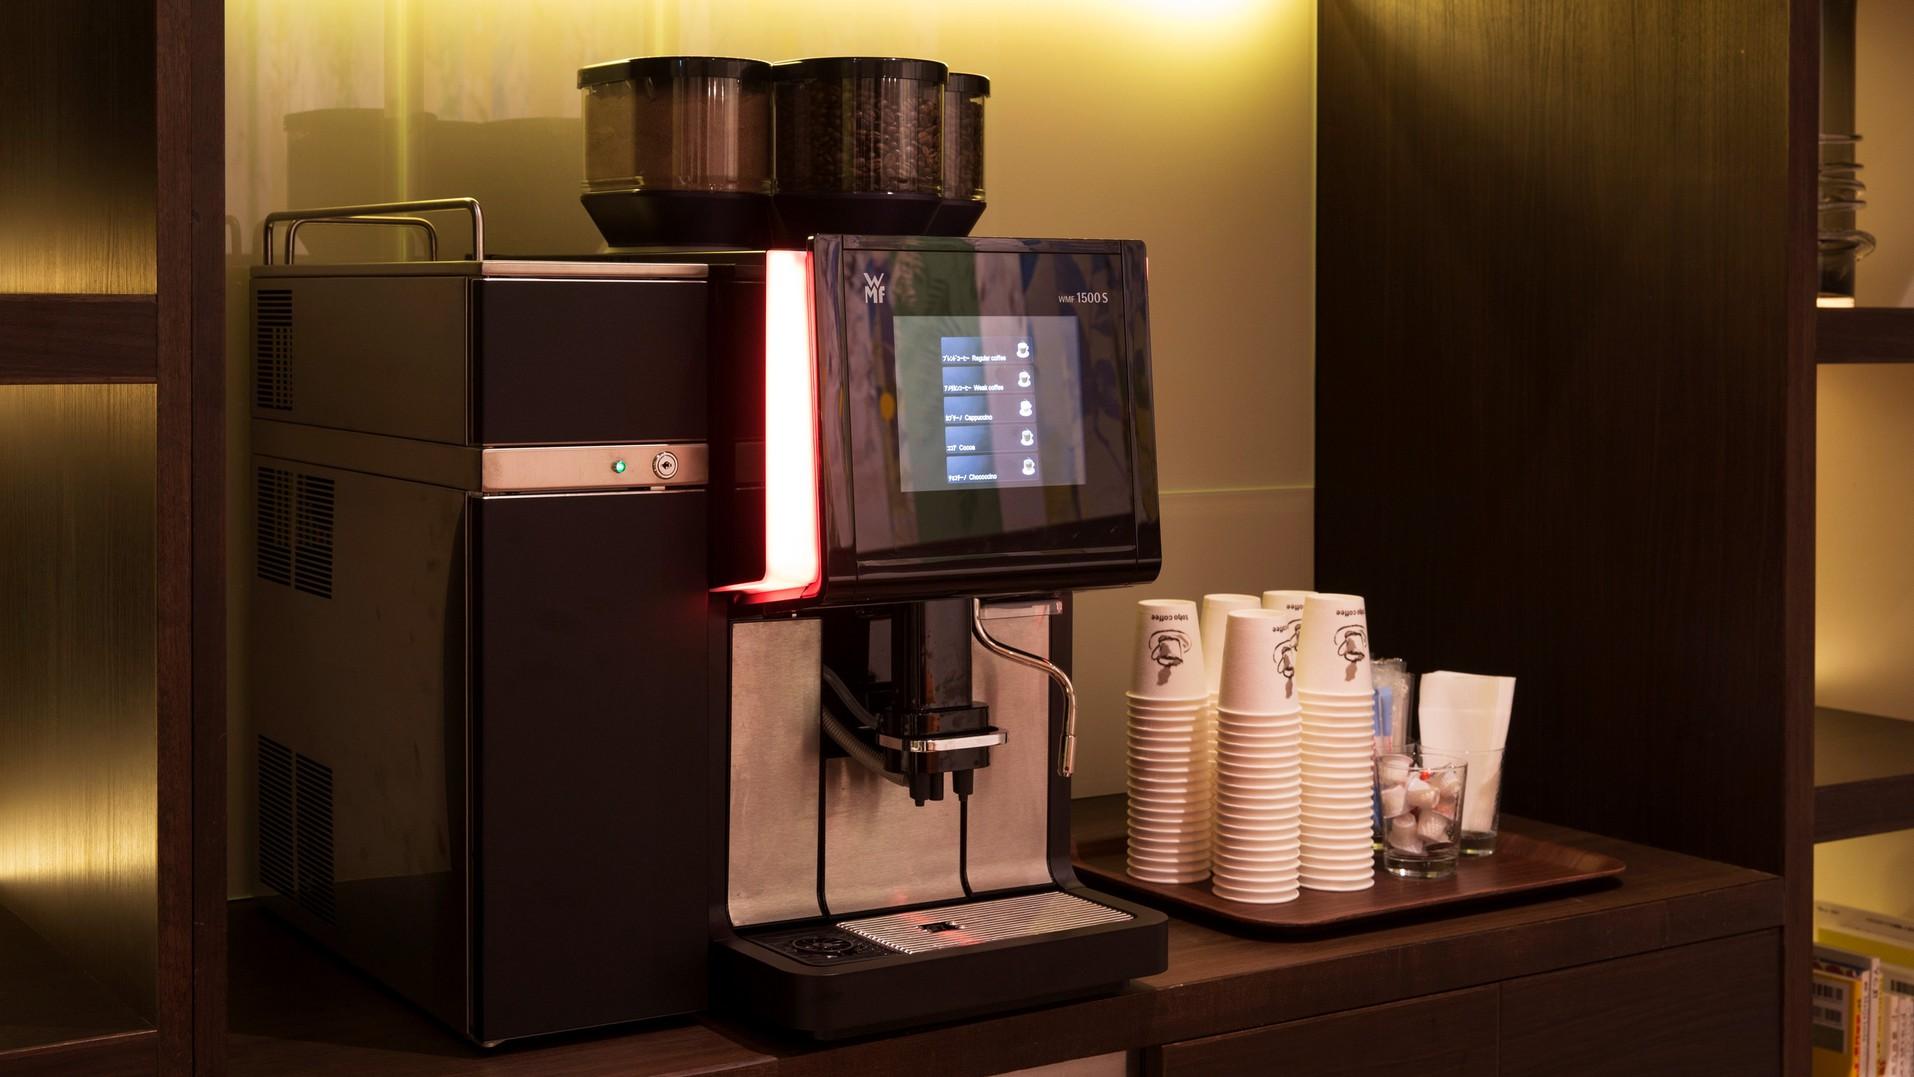 ご宿泊のお客様はコーヒーマシンを無料でご利用いただけます